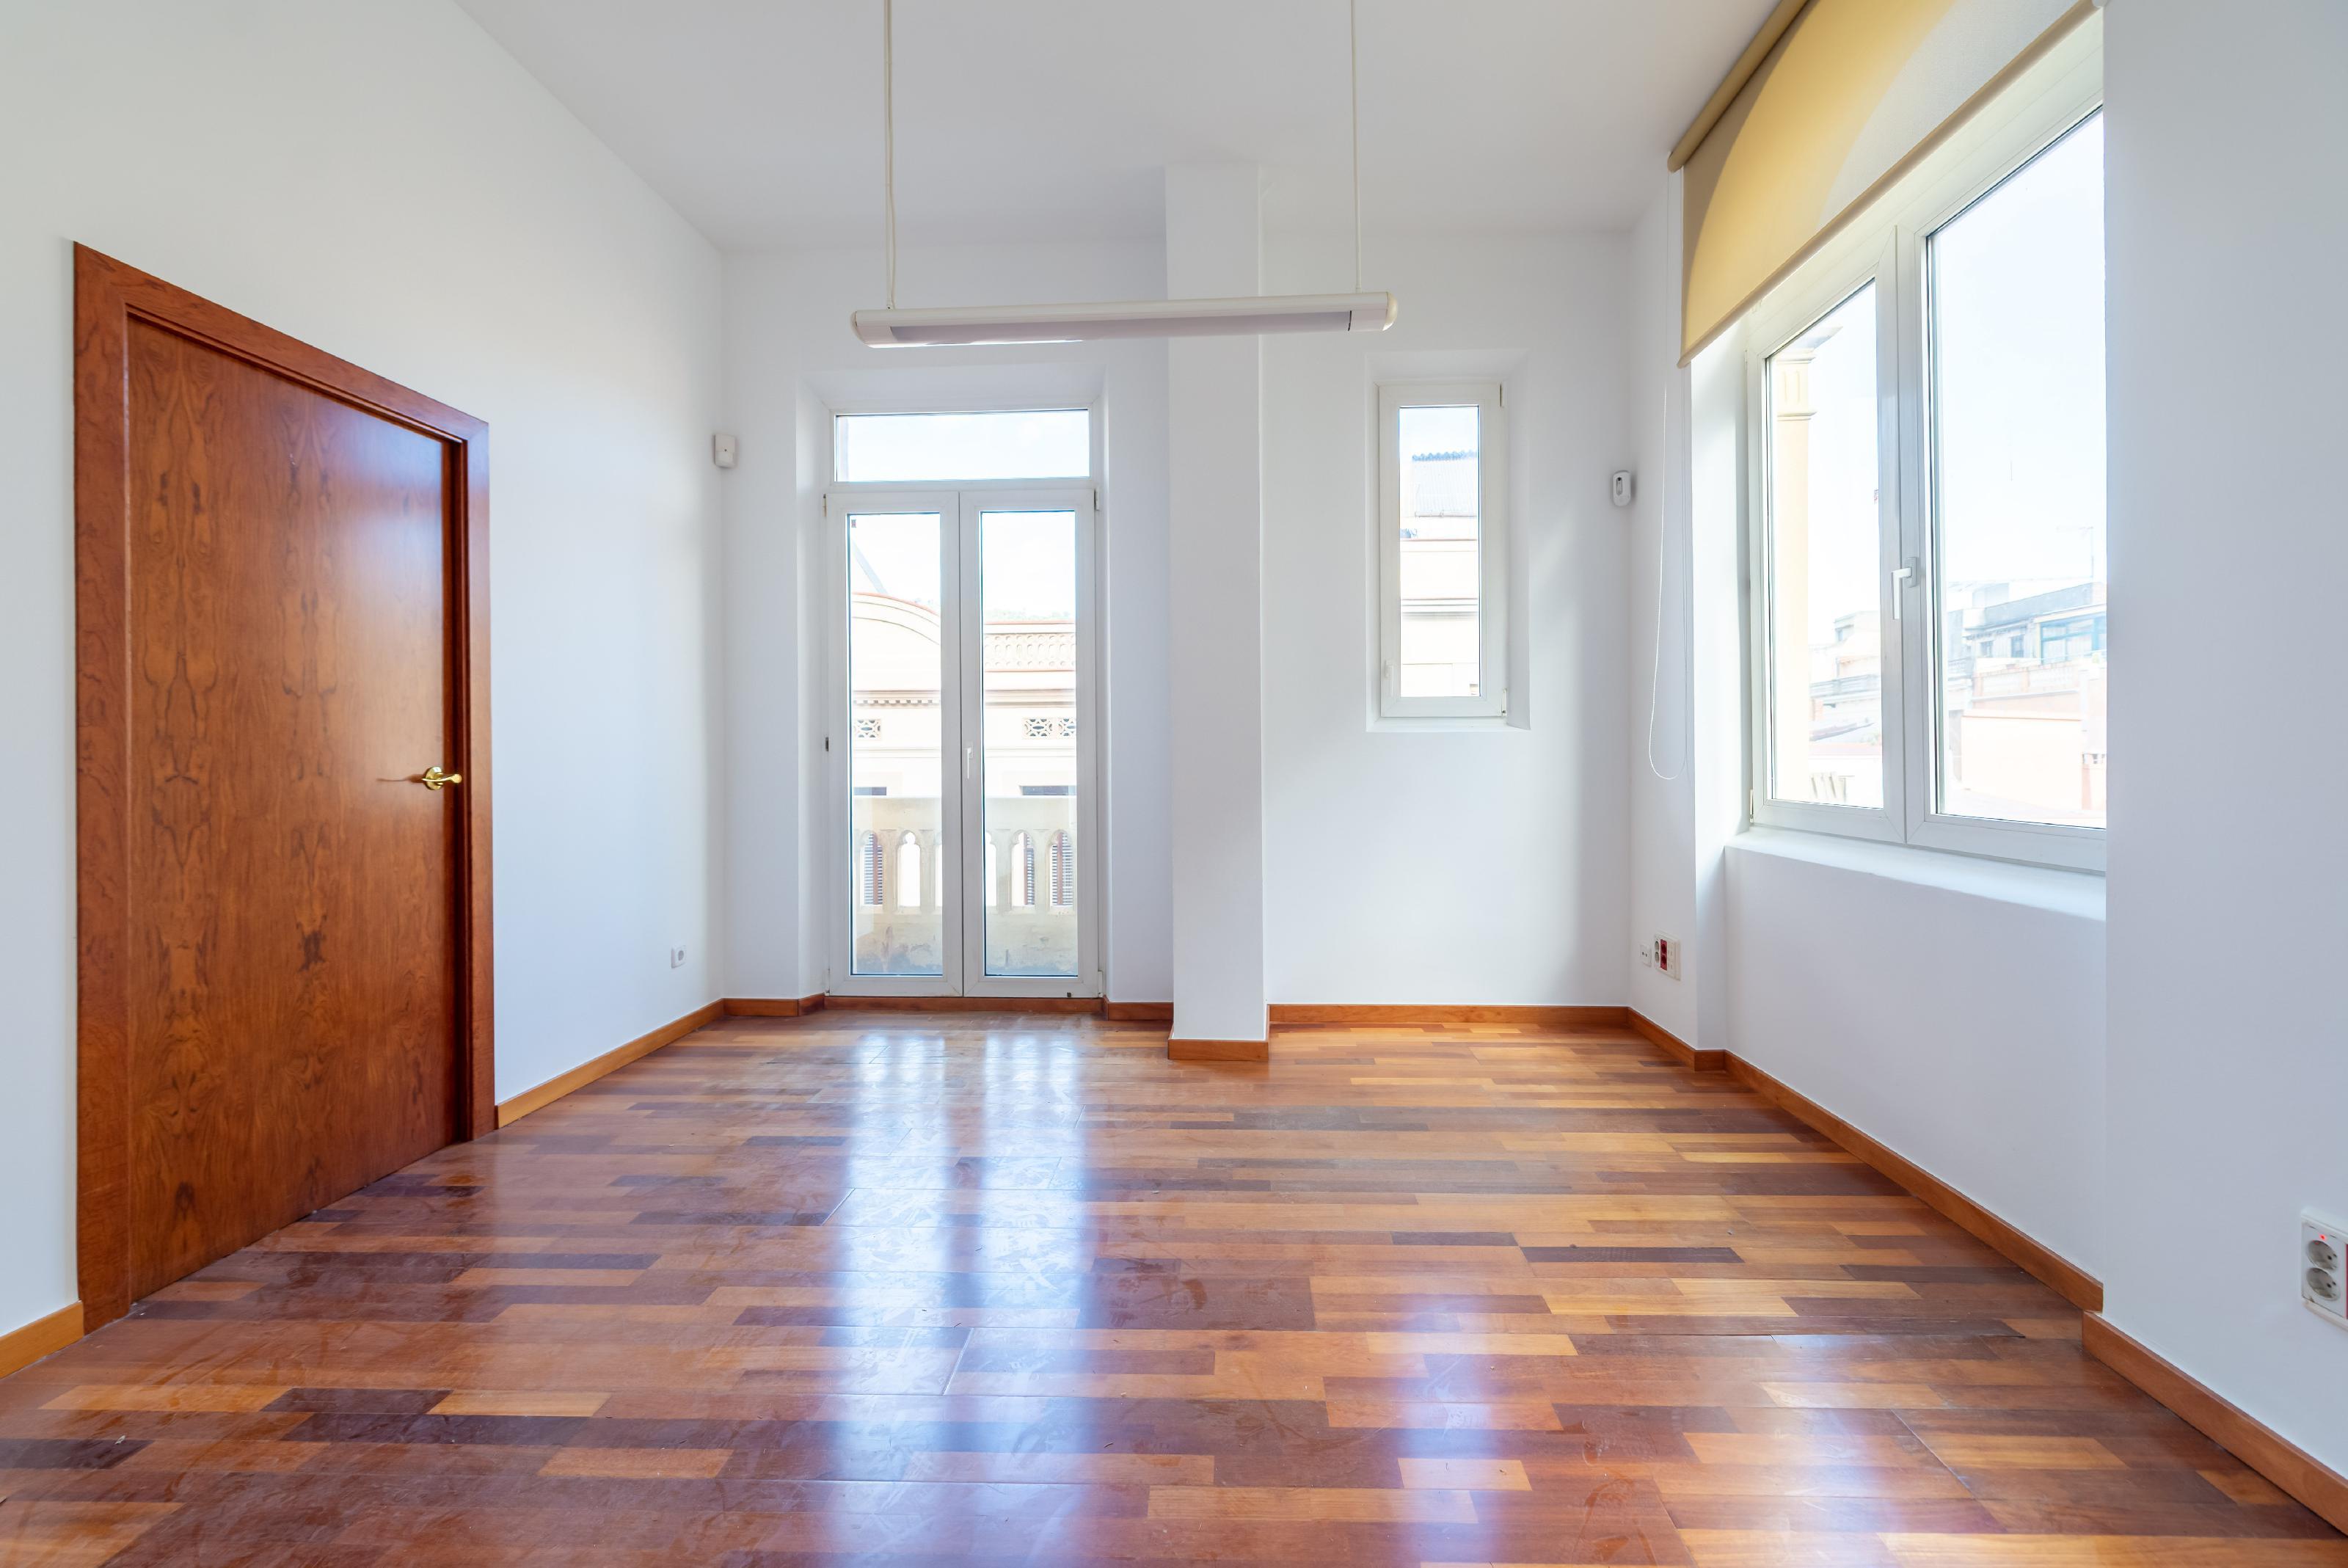 246065 Flat for sale in Sarrià-Sant Gervasi, Sarrià 12